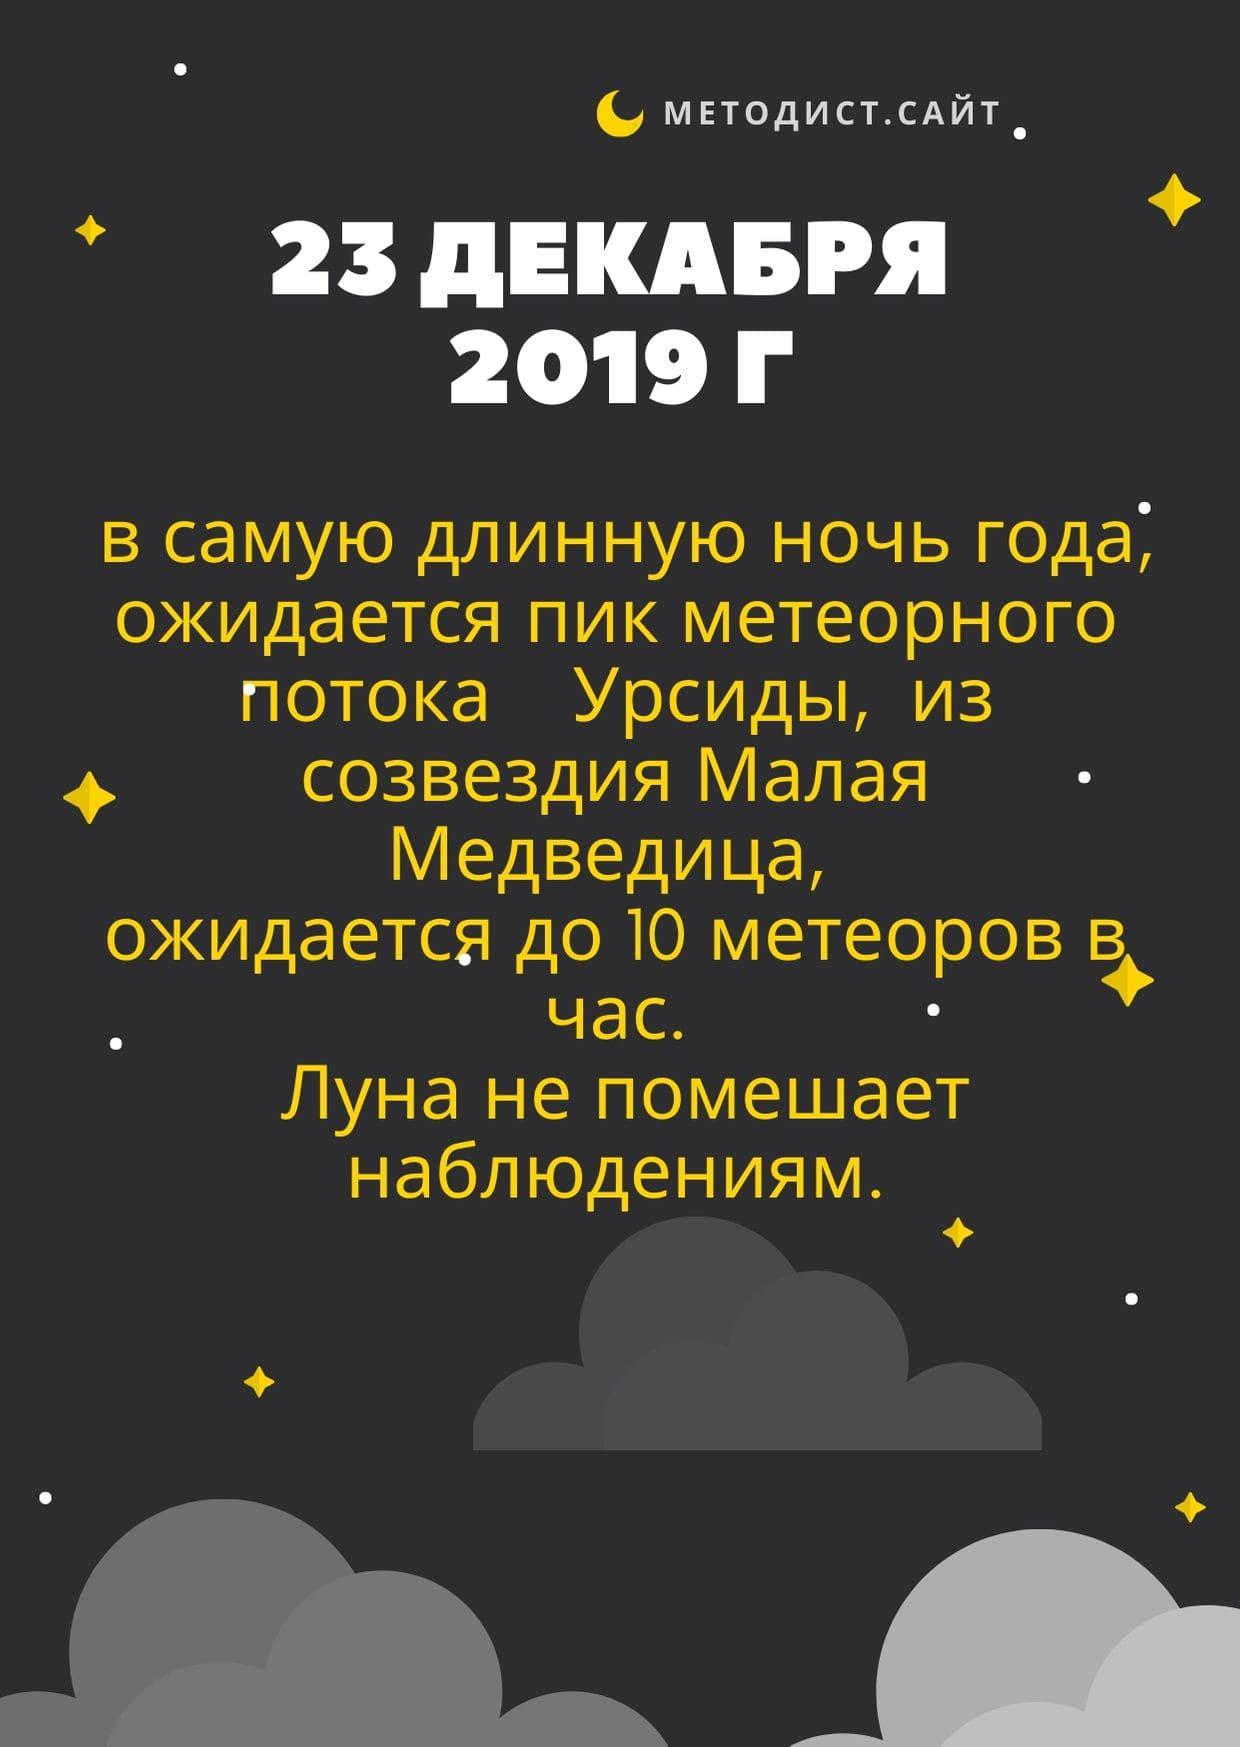 23 декабря 2019 г